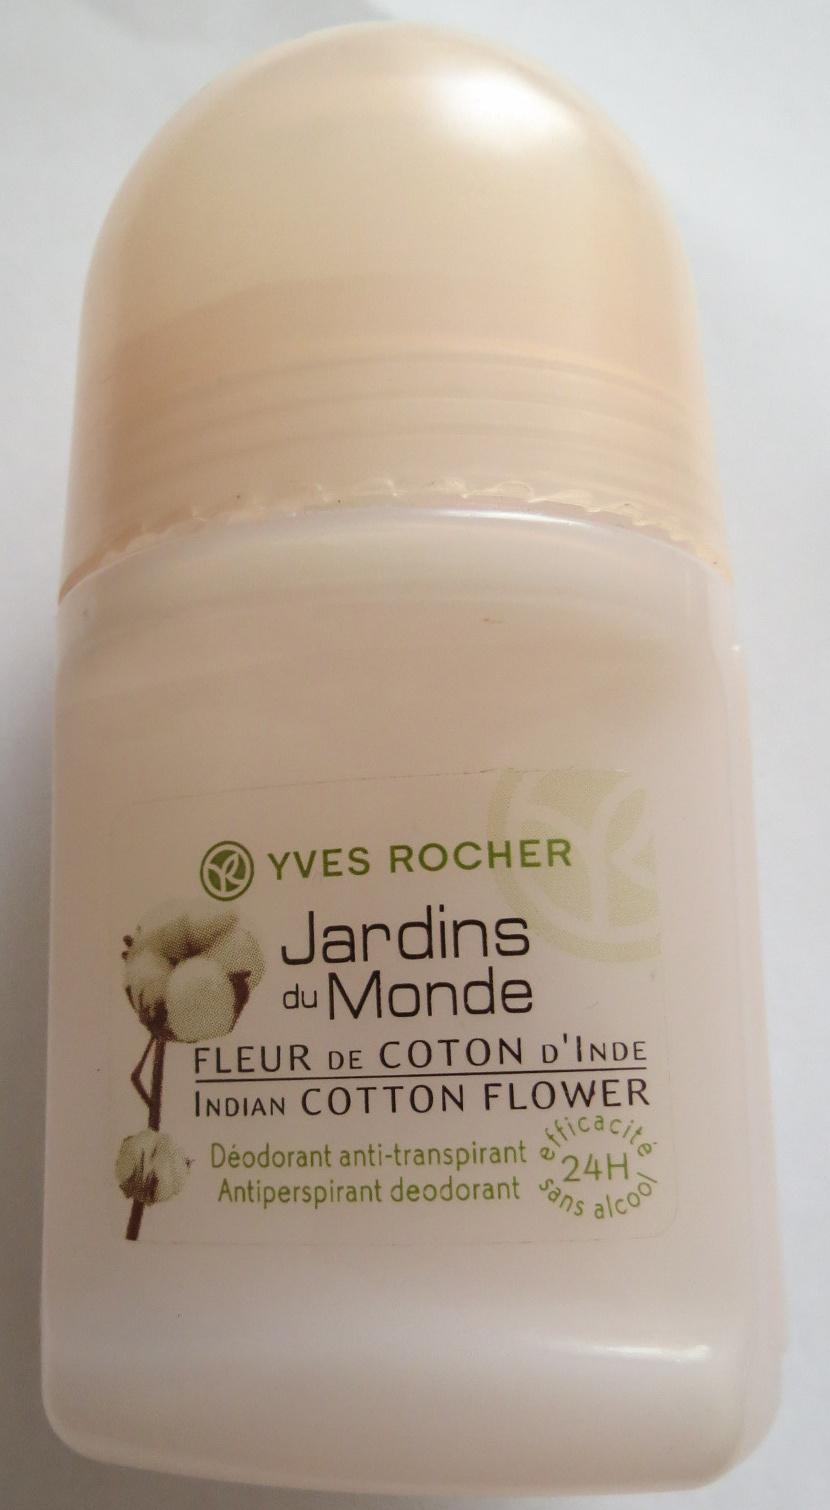 Jardins du monde Fleur de coton d'Inde - Product - fr